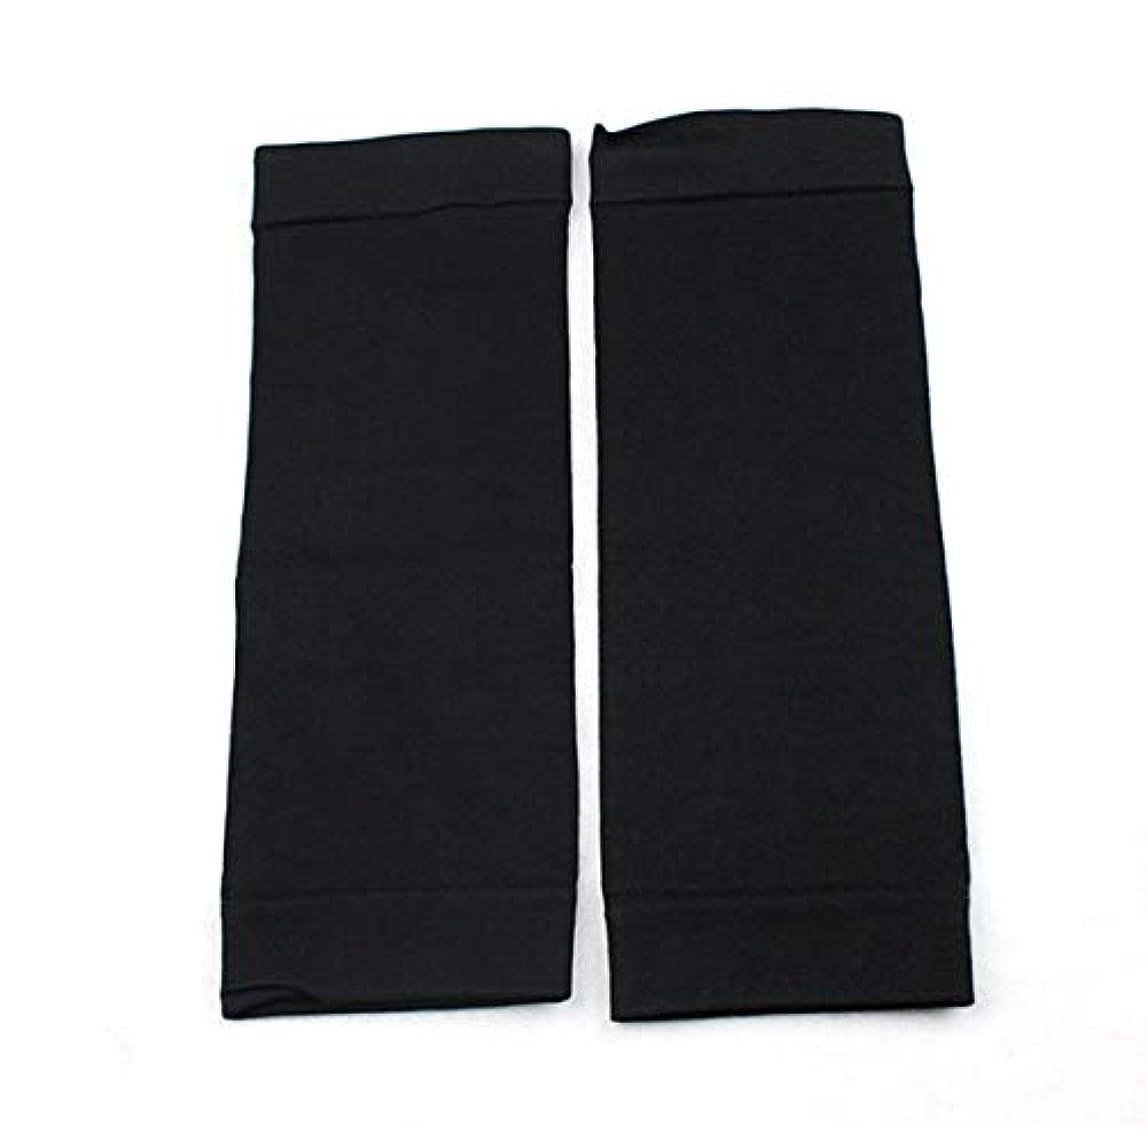 傾斜伝統シエスタユニセックス男性女性プロの圧縮ソックス通気性のあるトラベルアクティビティフィットナースシンスプリントフライトトラベル - ブラックS/M